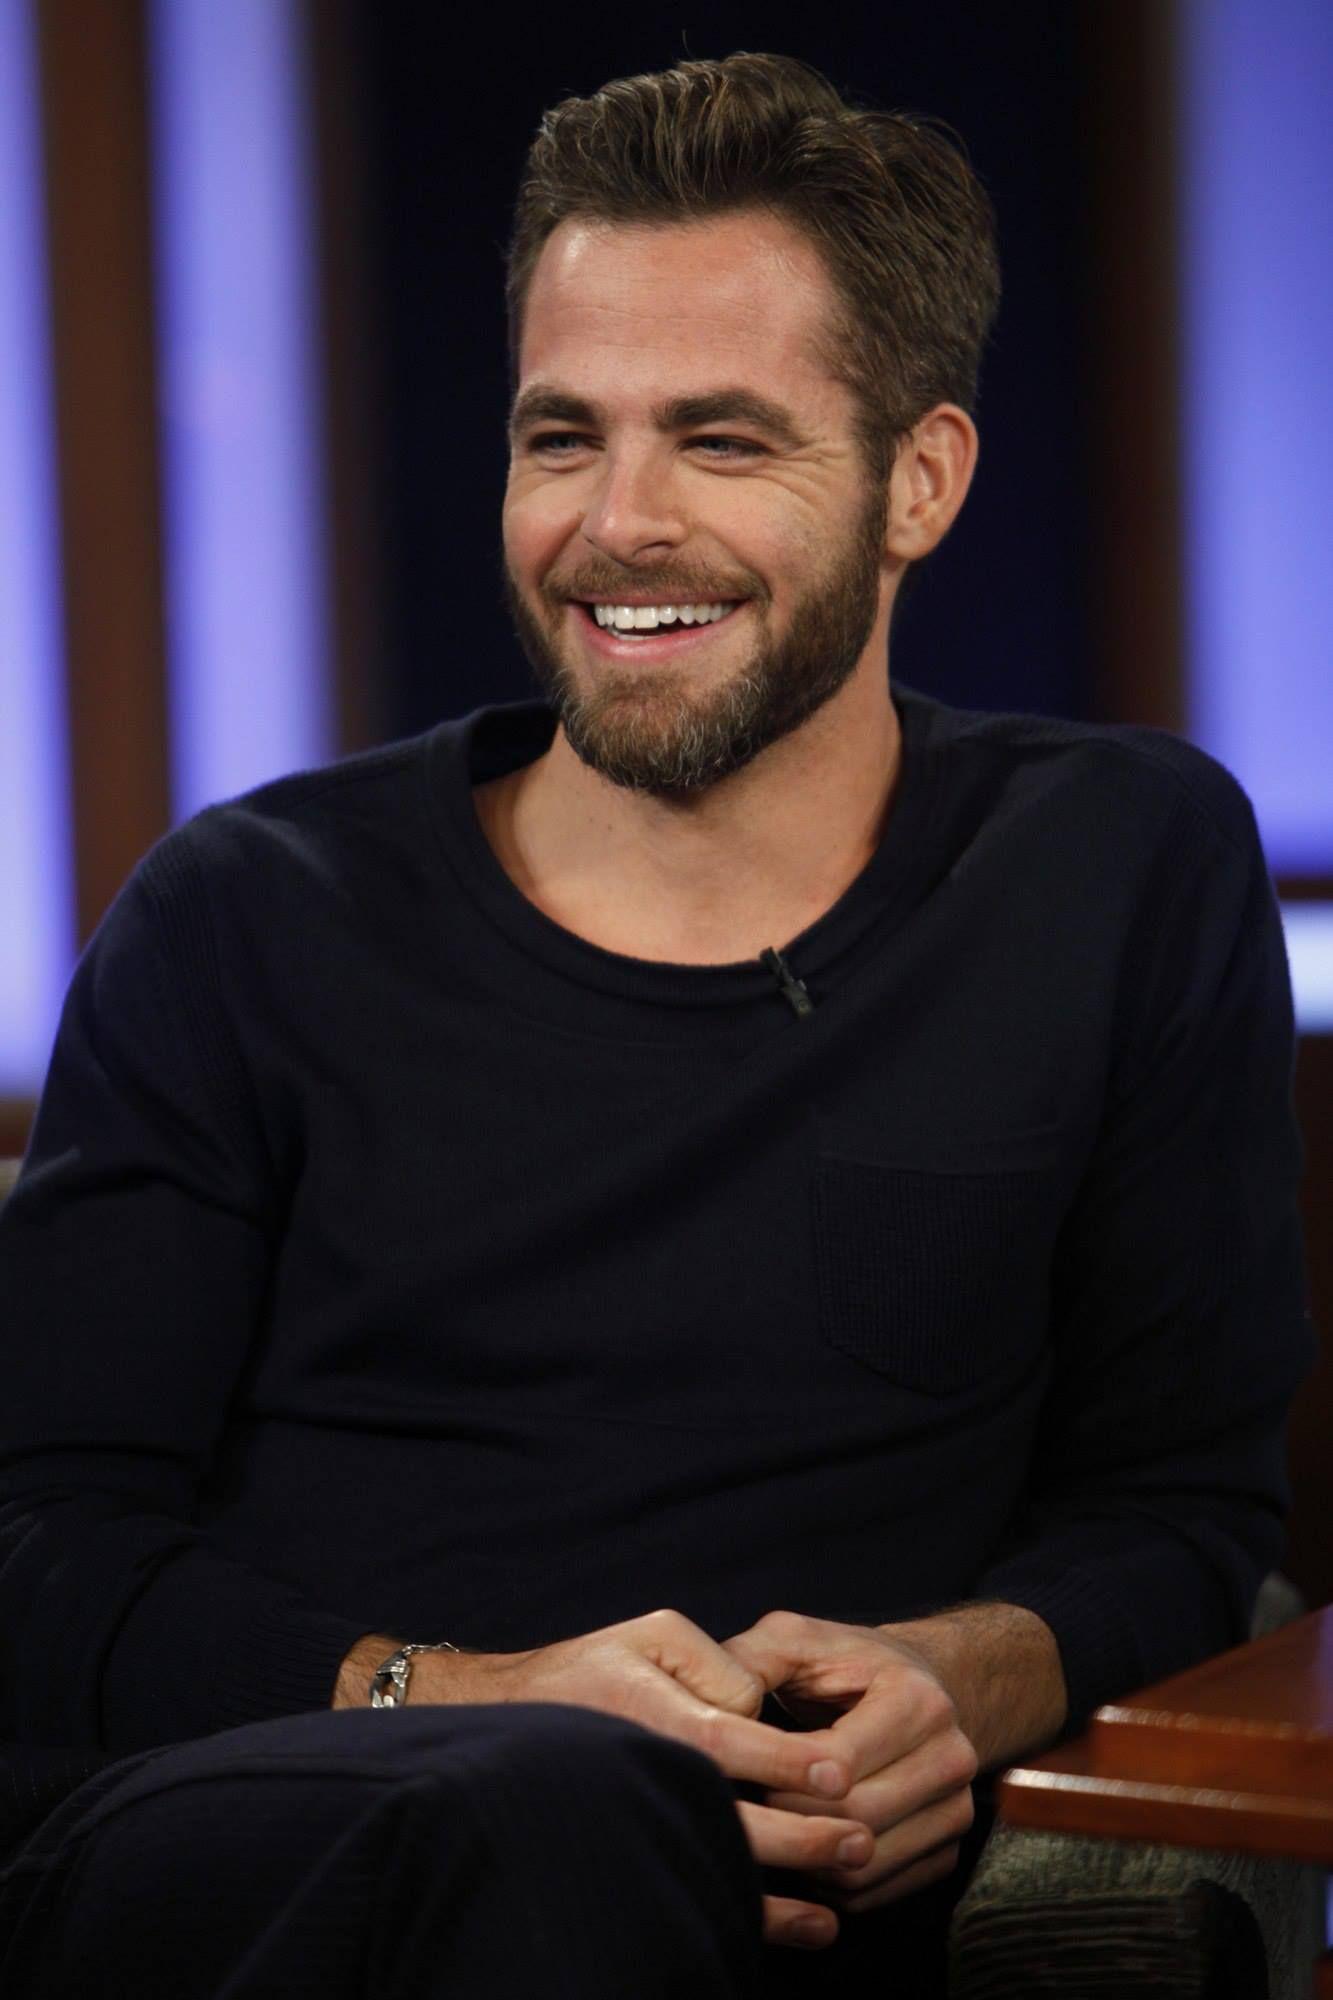 Chris pine smiling